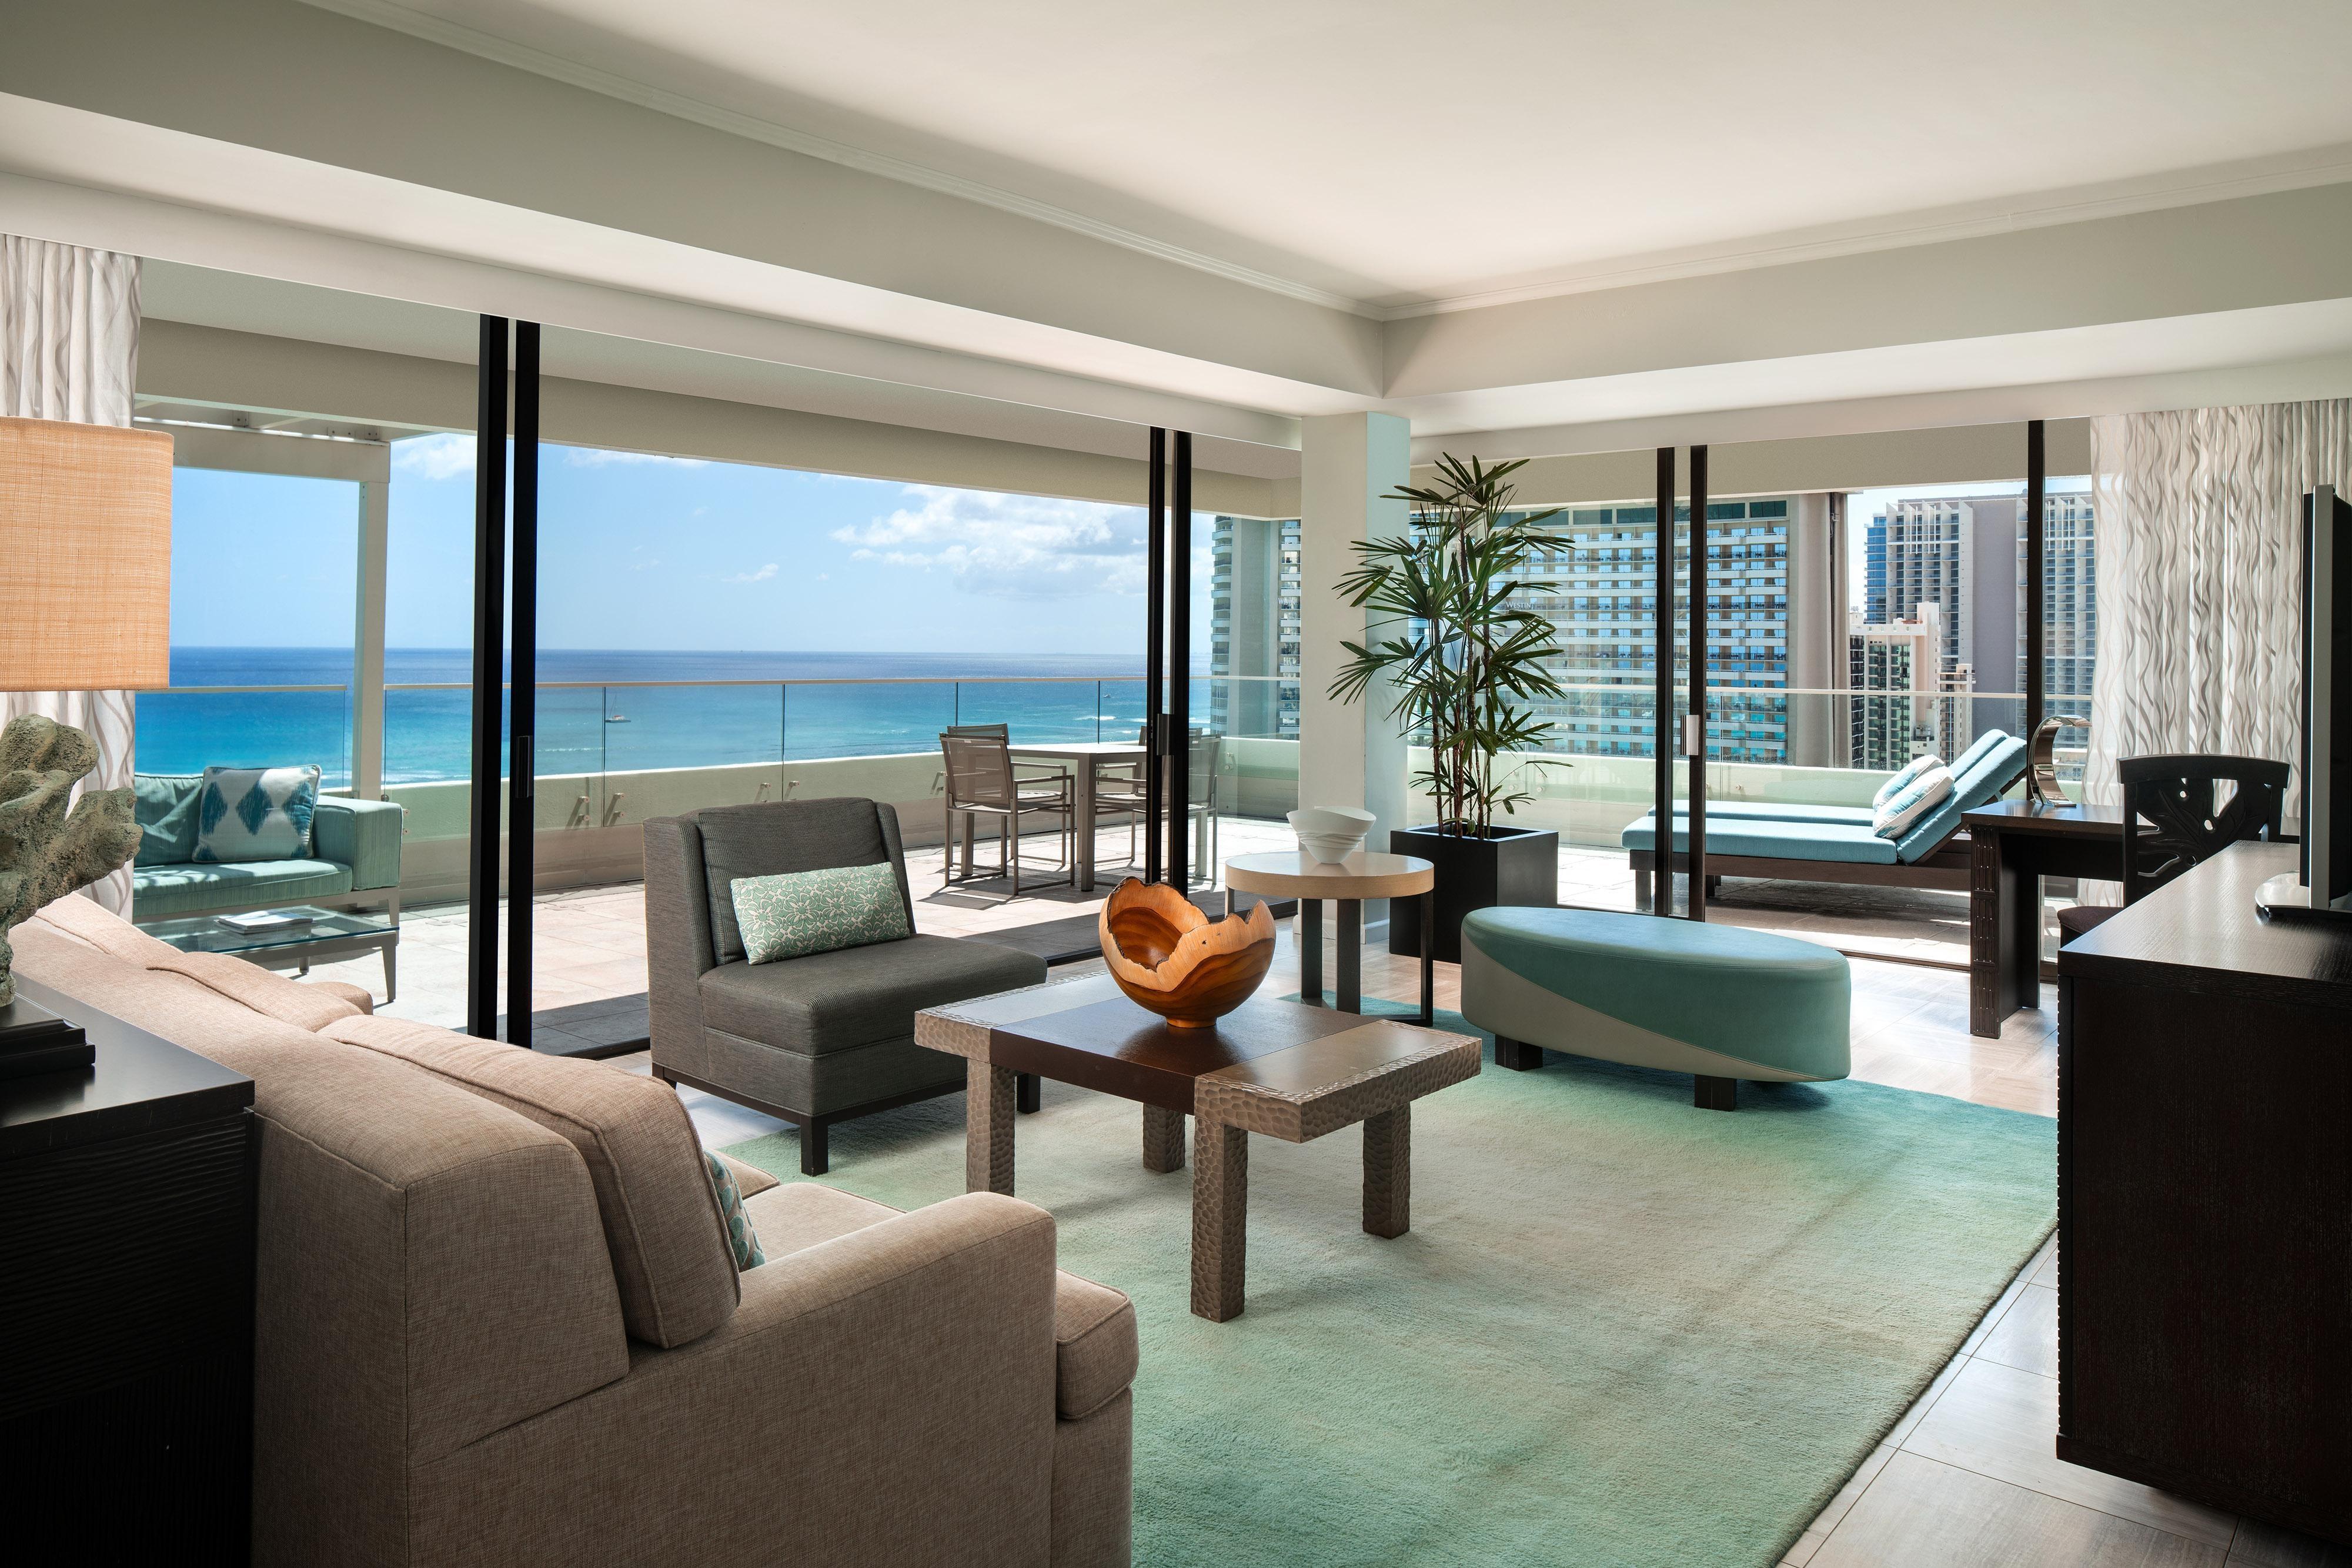 Wohnzimmer einer Penthouse Suite am Meer